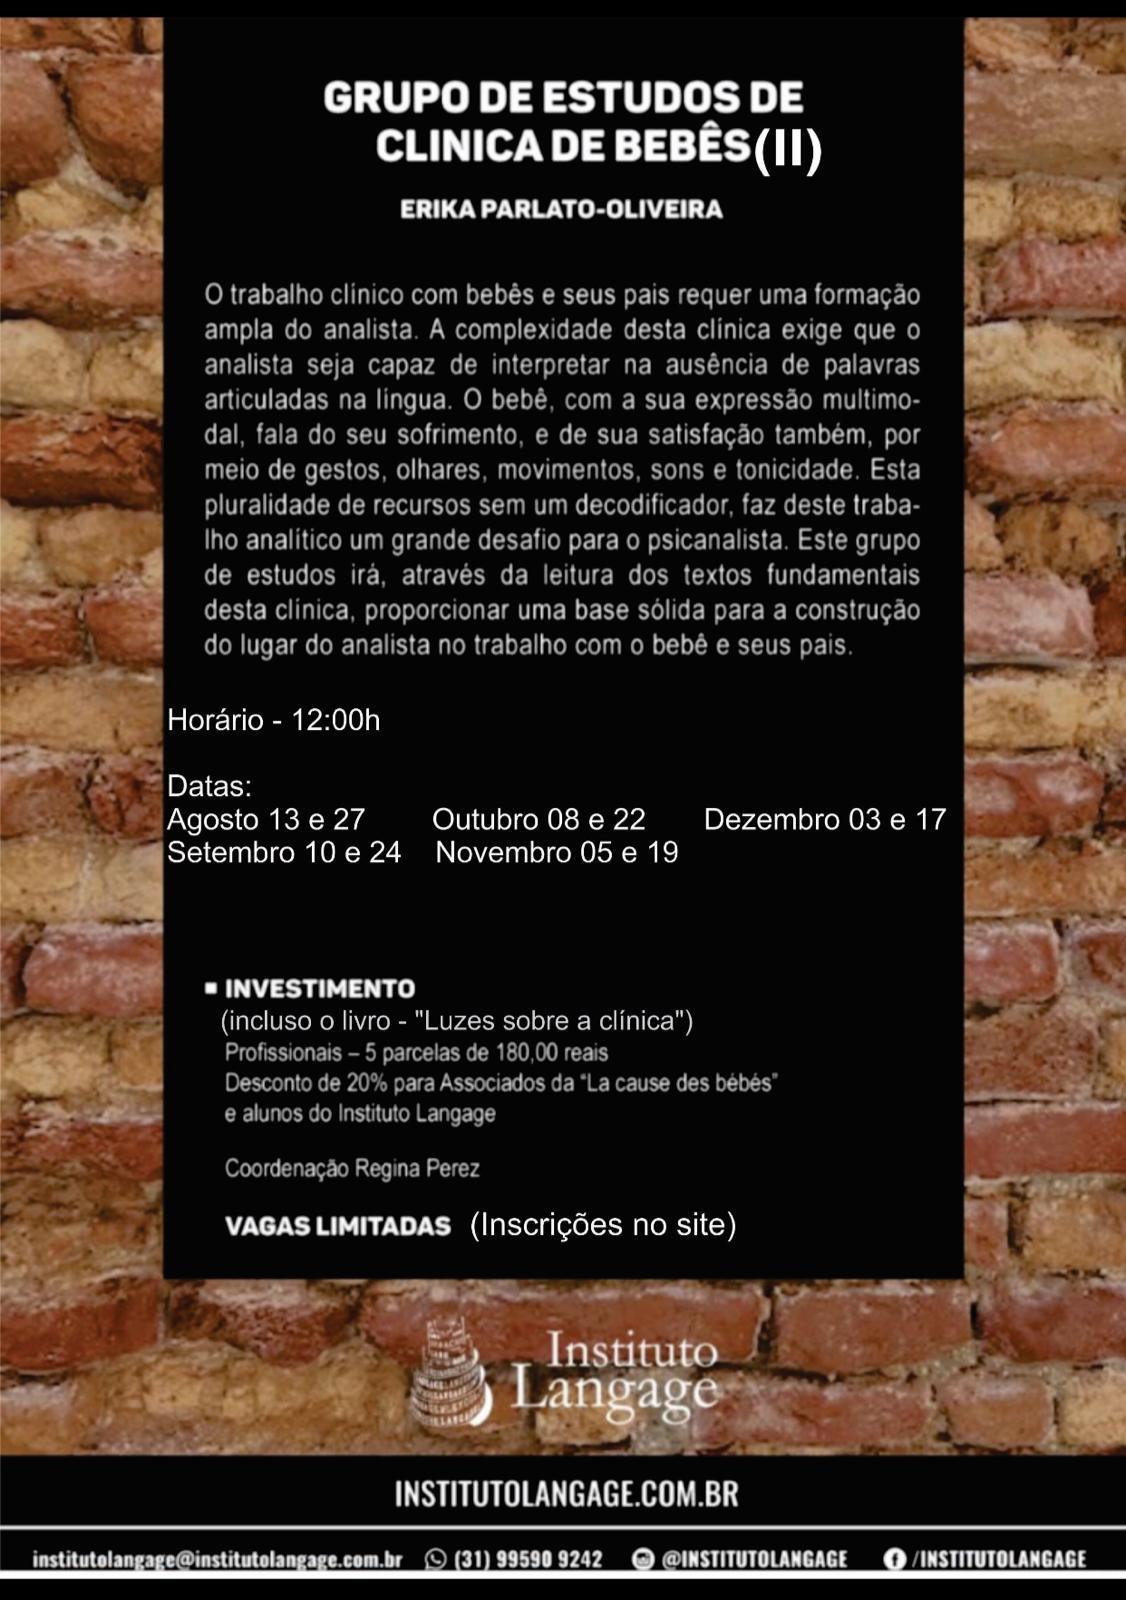 Grupo de Estudo (1) de Clínica de Bebês Turma quinta-feira 12 horas - inscrição (agosto a dezembro/20)